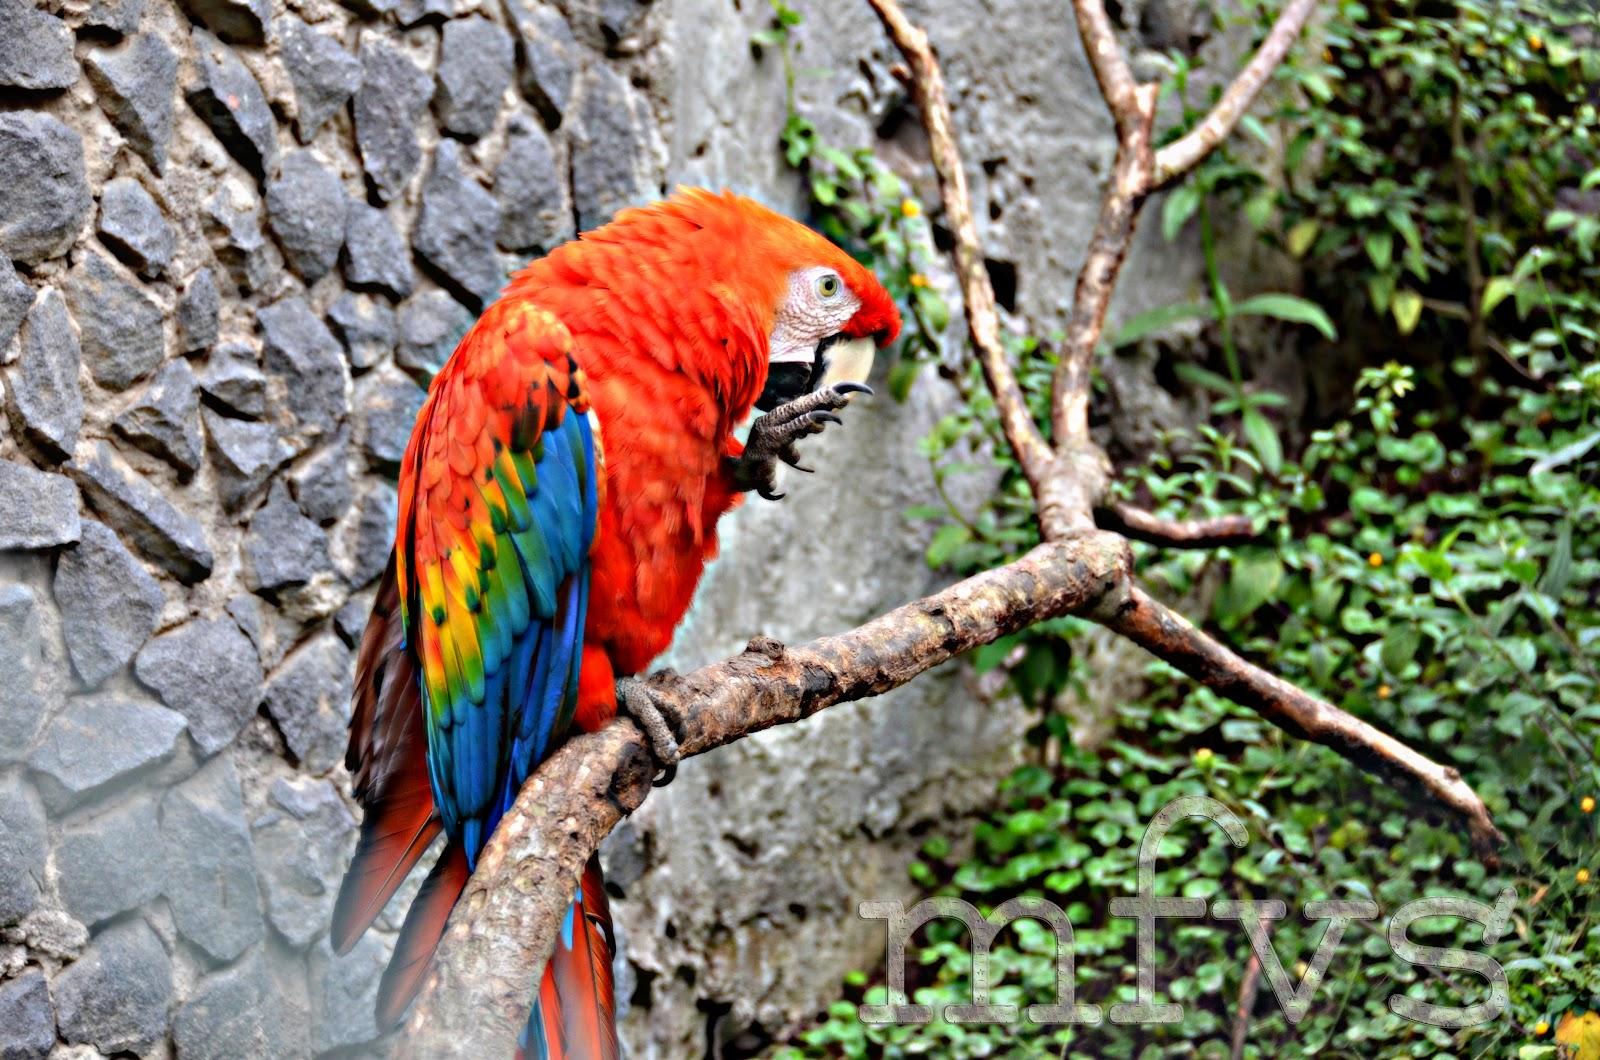 Imagenes De Baños Ambato:SUEÑOS EN IMÁGENES: Baños, Ambato, Zoo